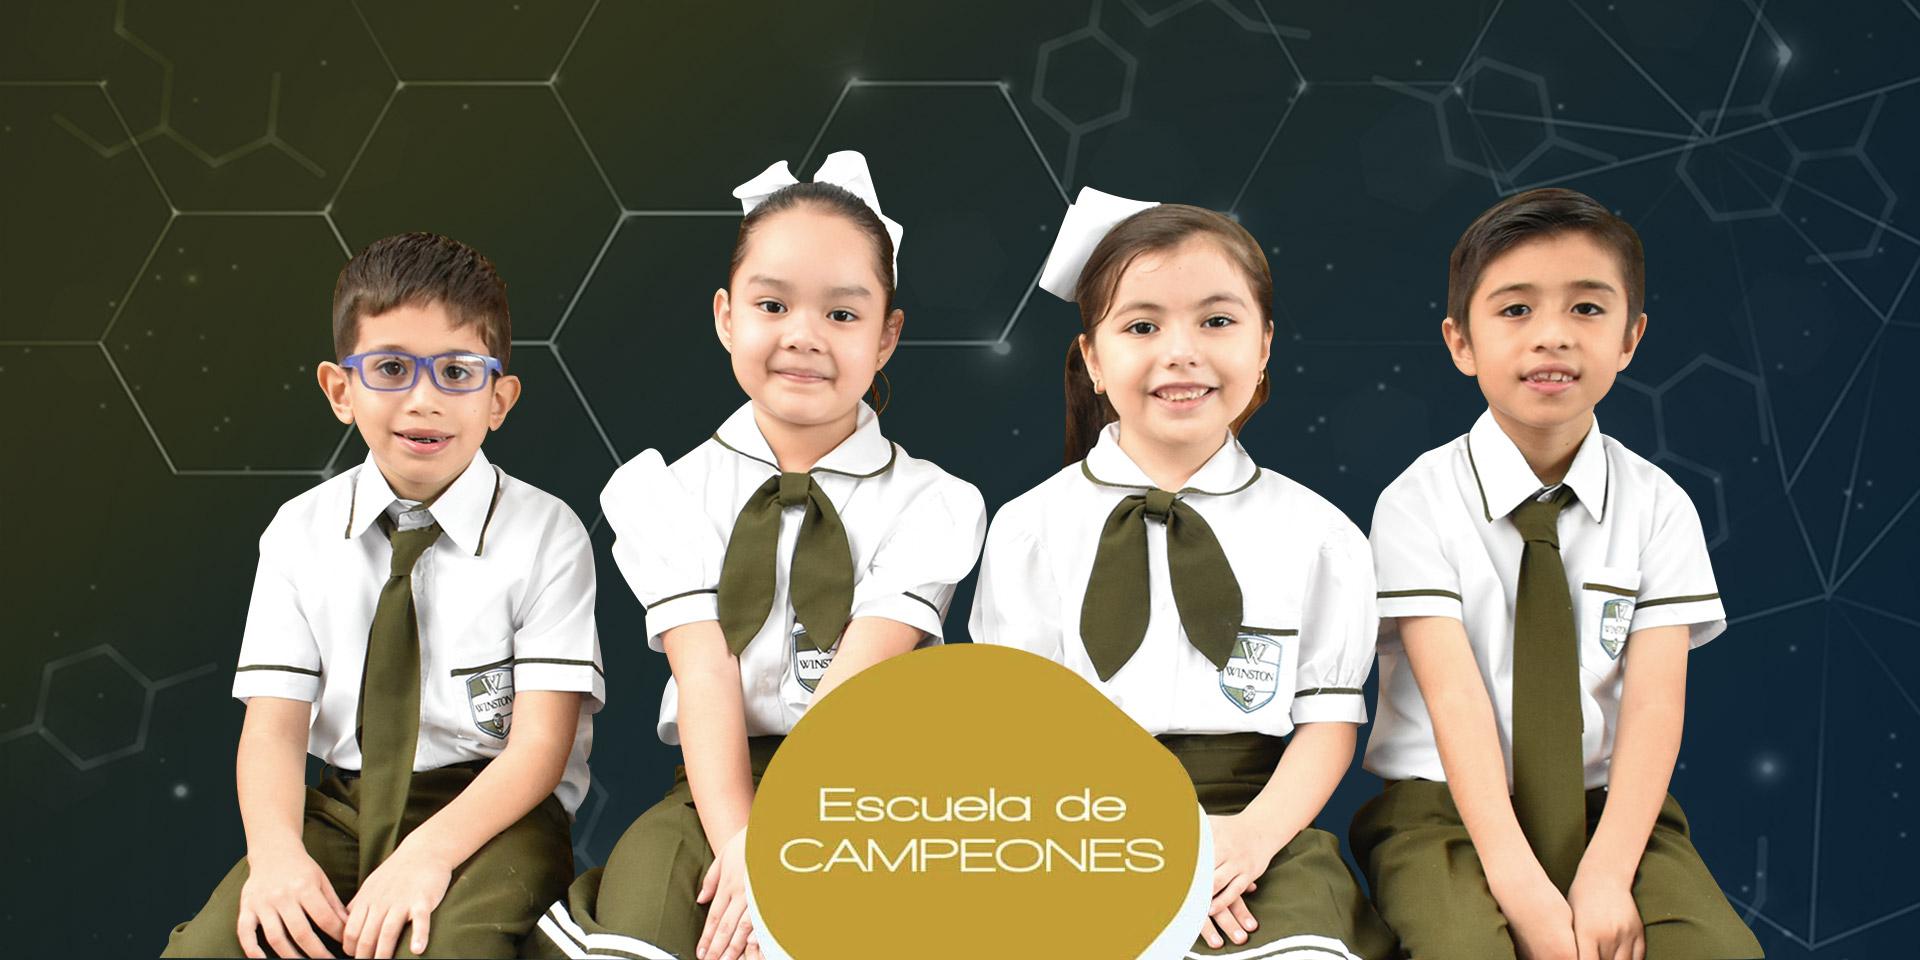 Escuela de Campeones